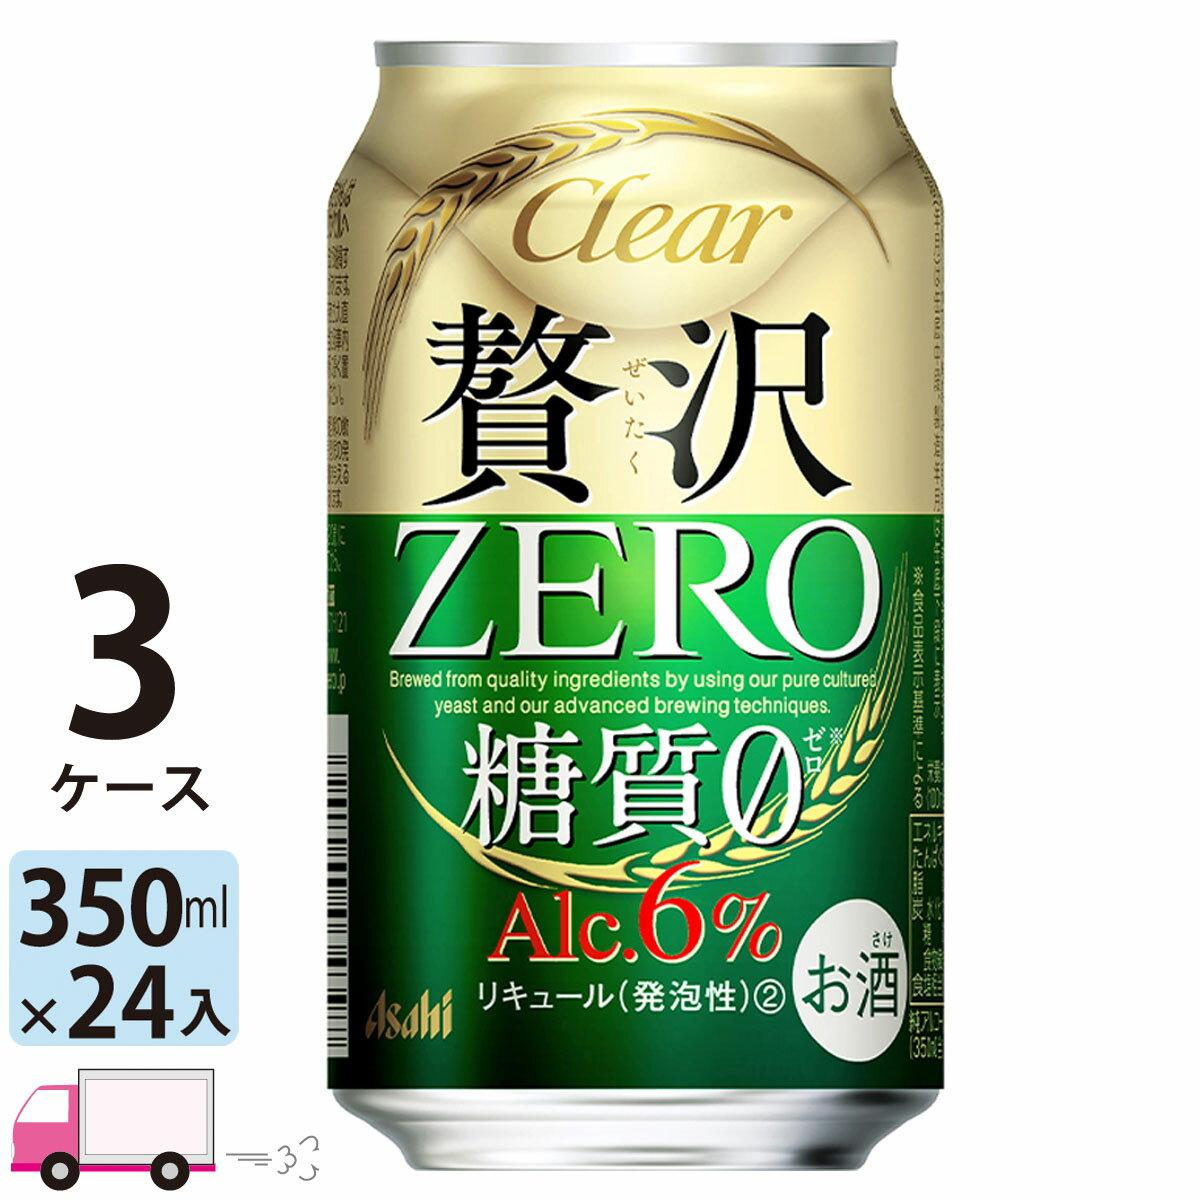 送料無料 アサヒ ビール クリアアサヒ 贅沢ゼロ 350ml 24缶入 3ケース (72本)